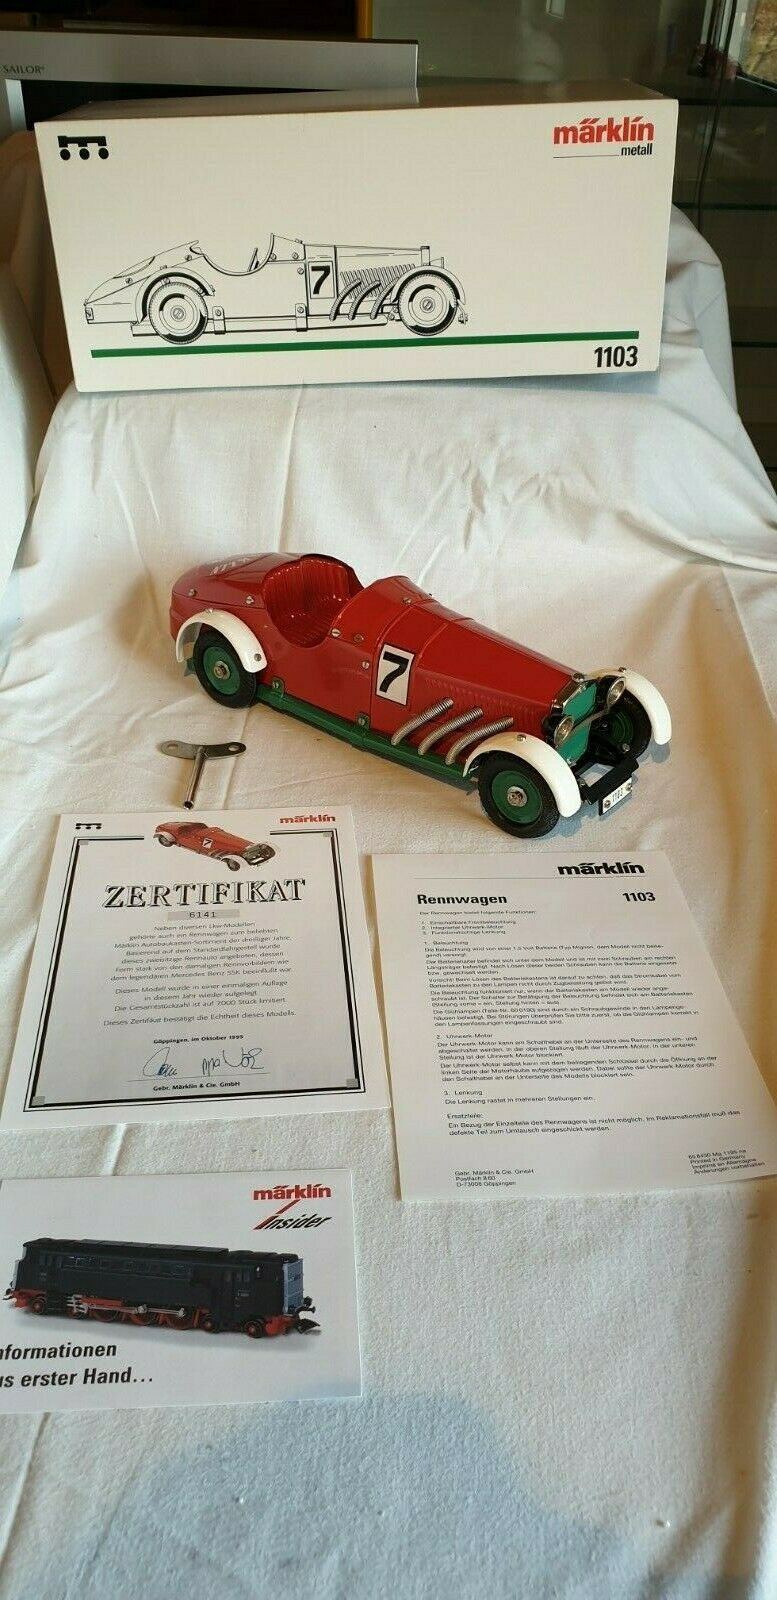 Märklin metal coches de carreras nº 1103 de 1995, nuevo, embalaje original